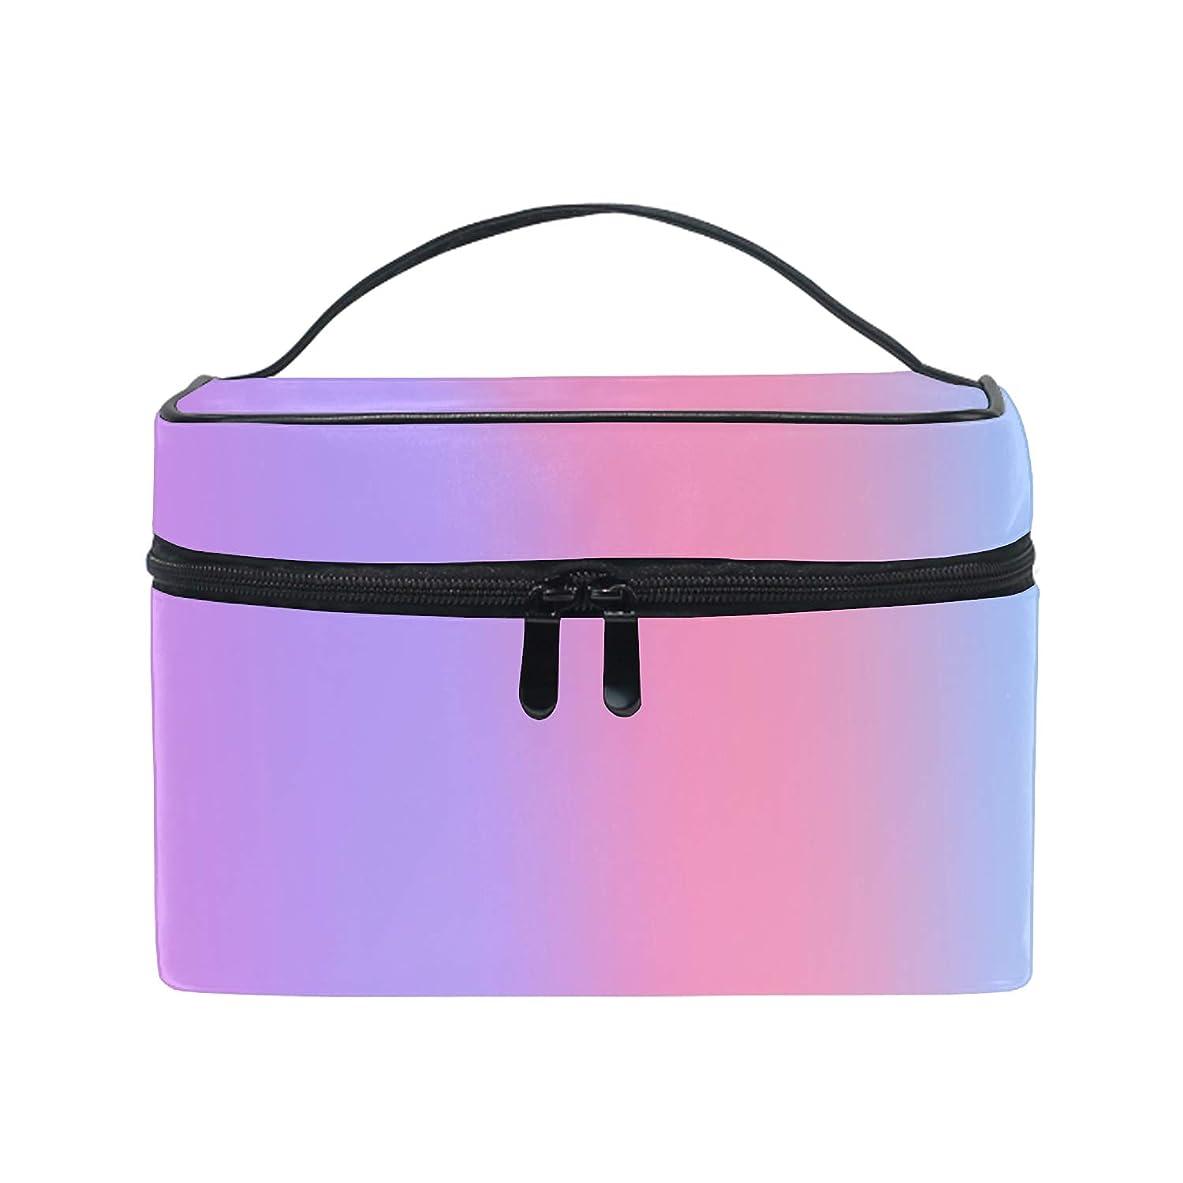 近似まとめる脆いピンクコスメ 化粧 ポーチ レディース 大容量 コンパクト 中身が見やすい 防水 シンプル 小物入れ 旅行